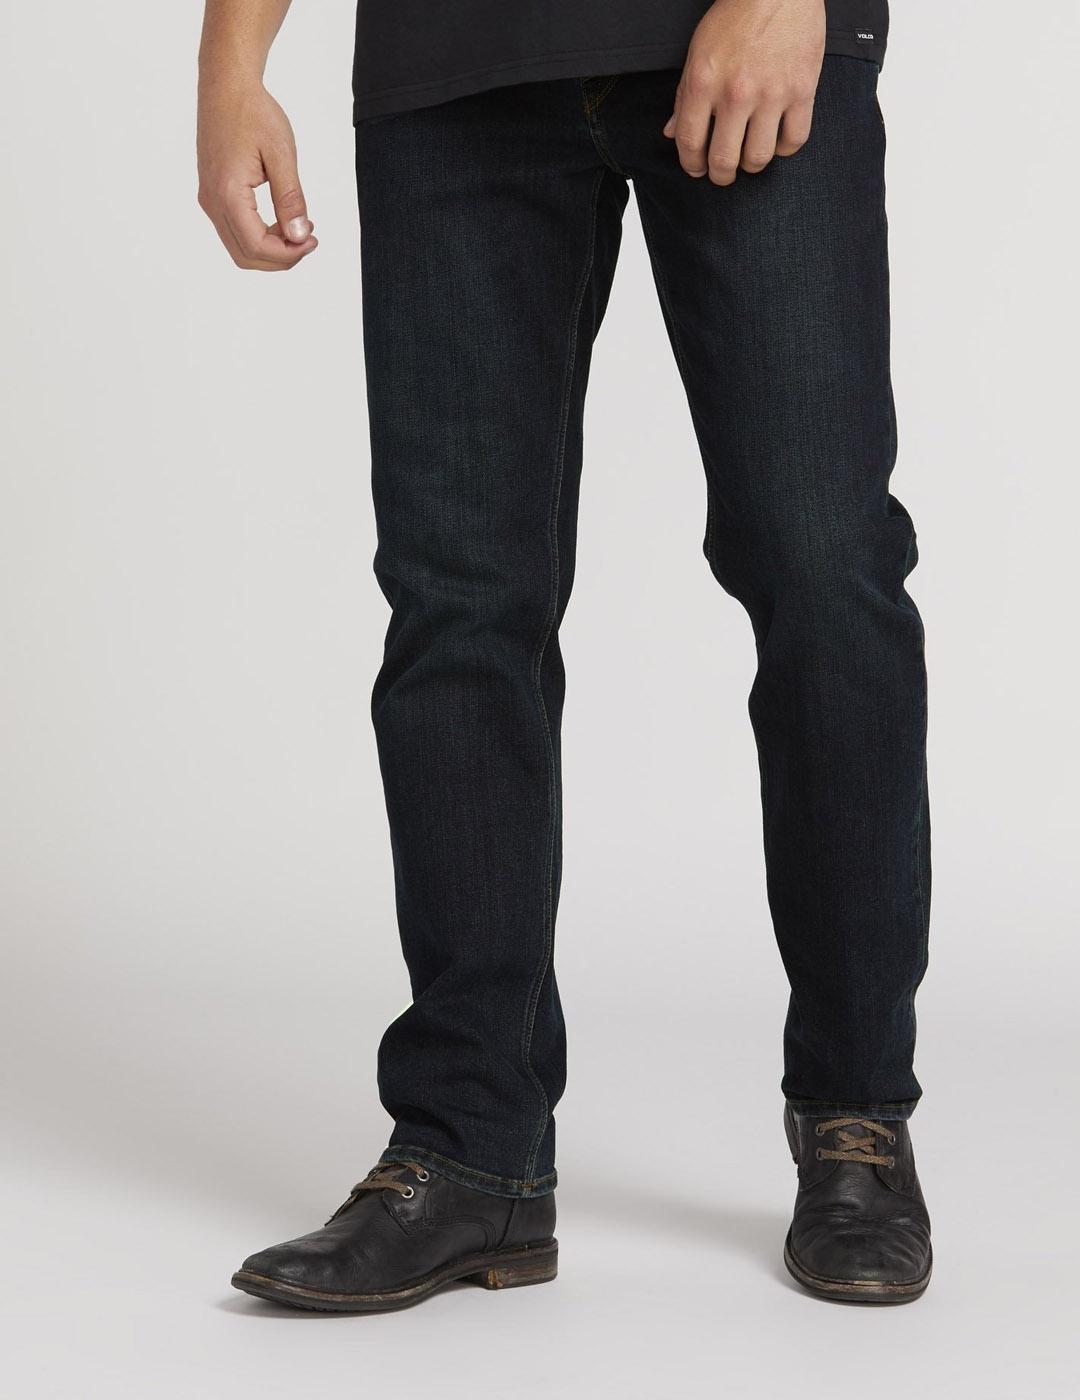 Comprar Pantalones Volcom Para Hombre